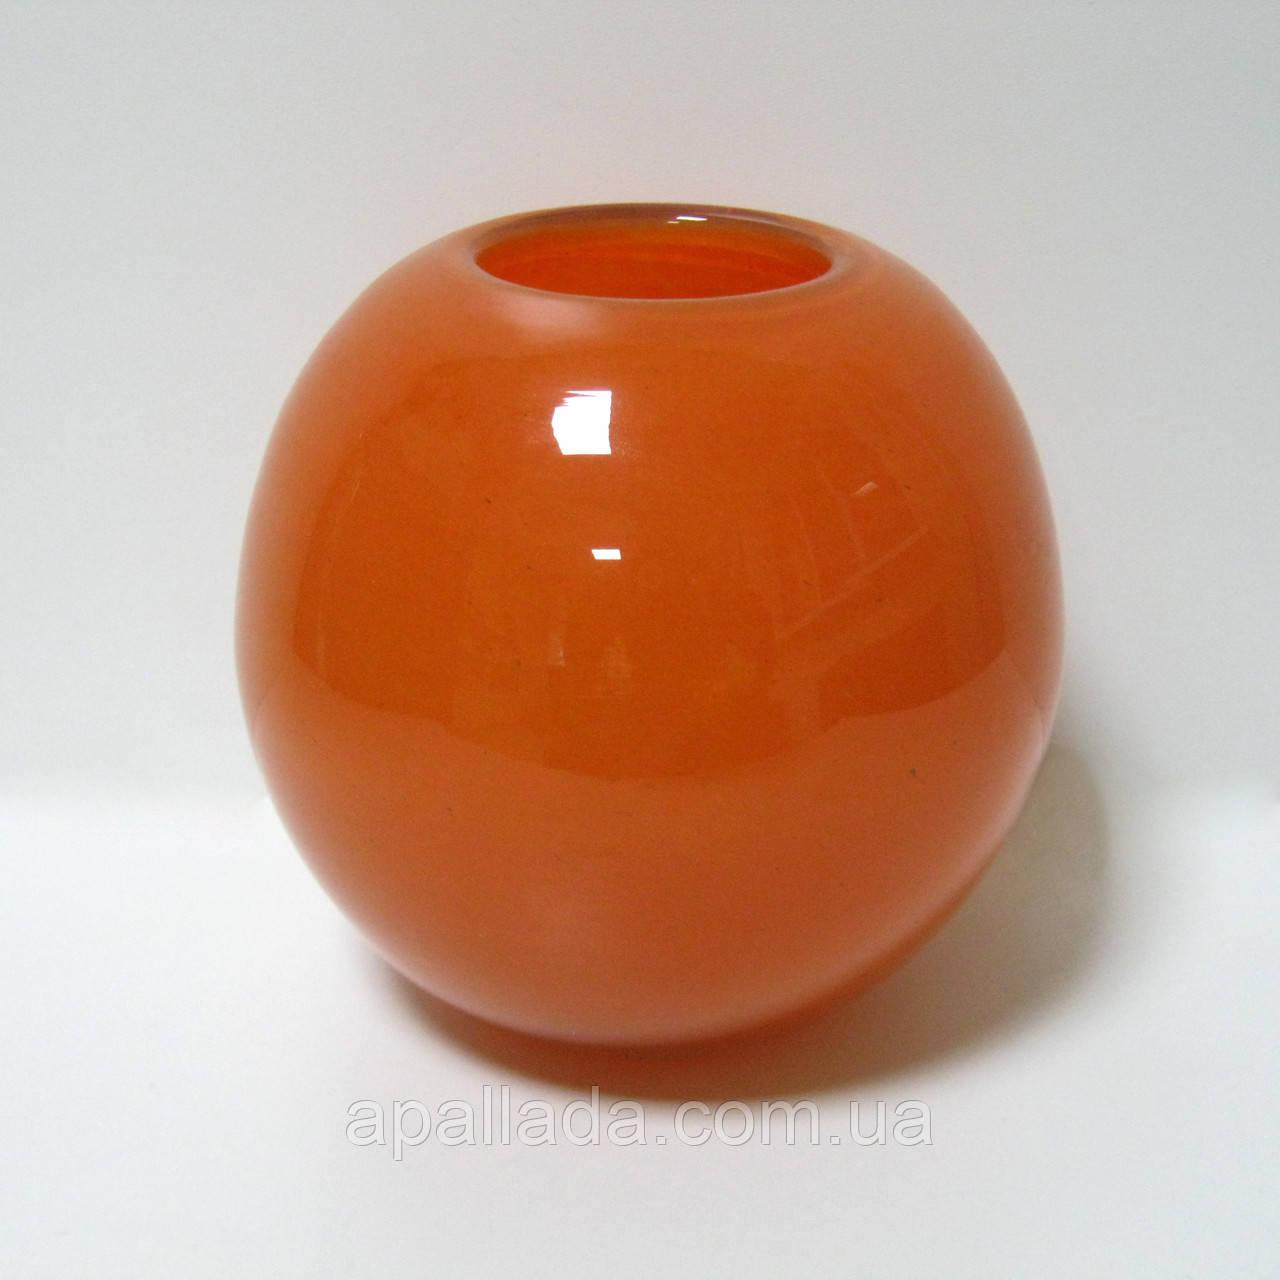 Ваза Оранжевая, литая